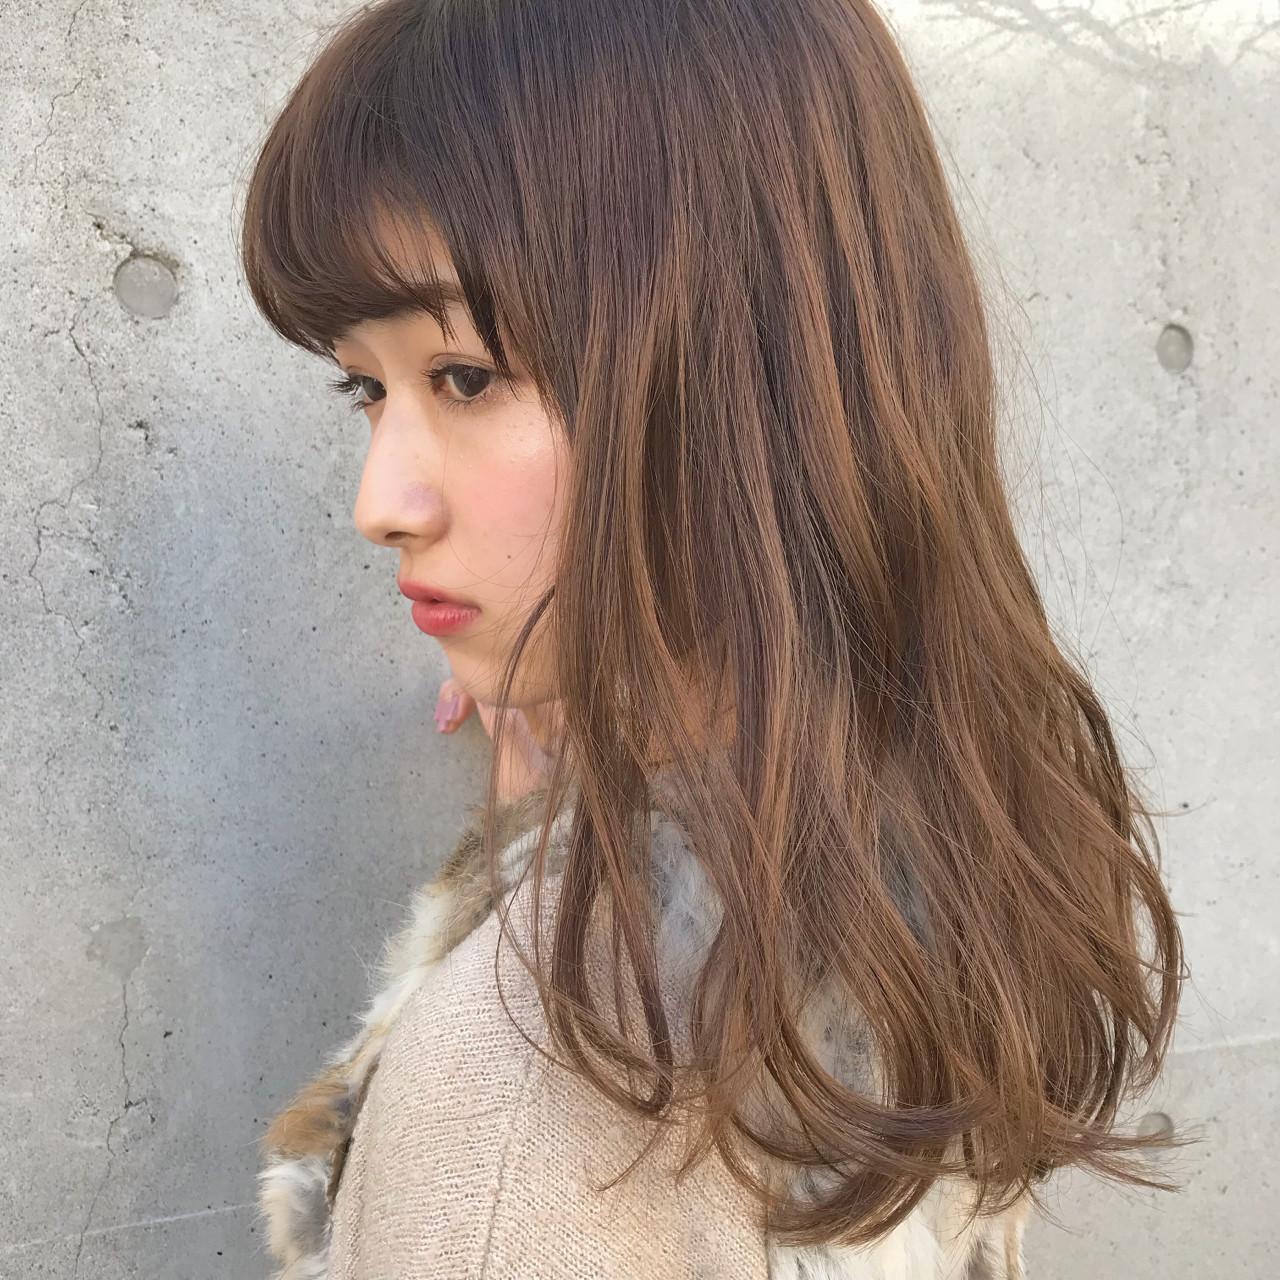 ラフ ウェーブ 抜け感 春 ヘアスタイルや髪型の写真・画像